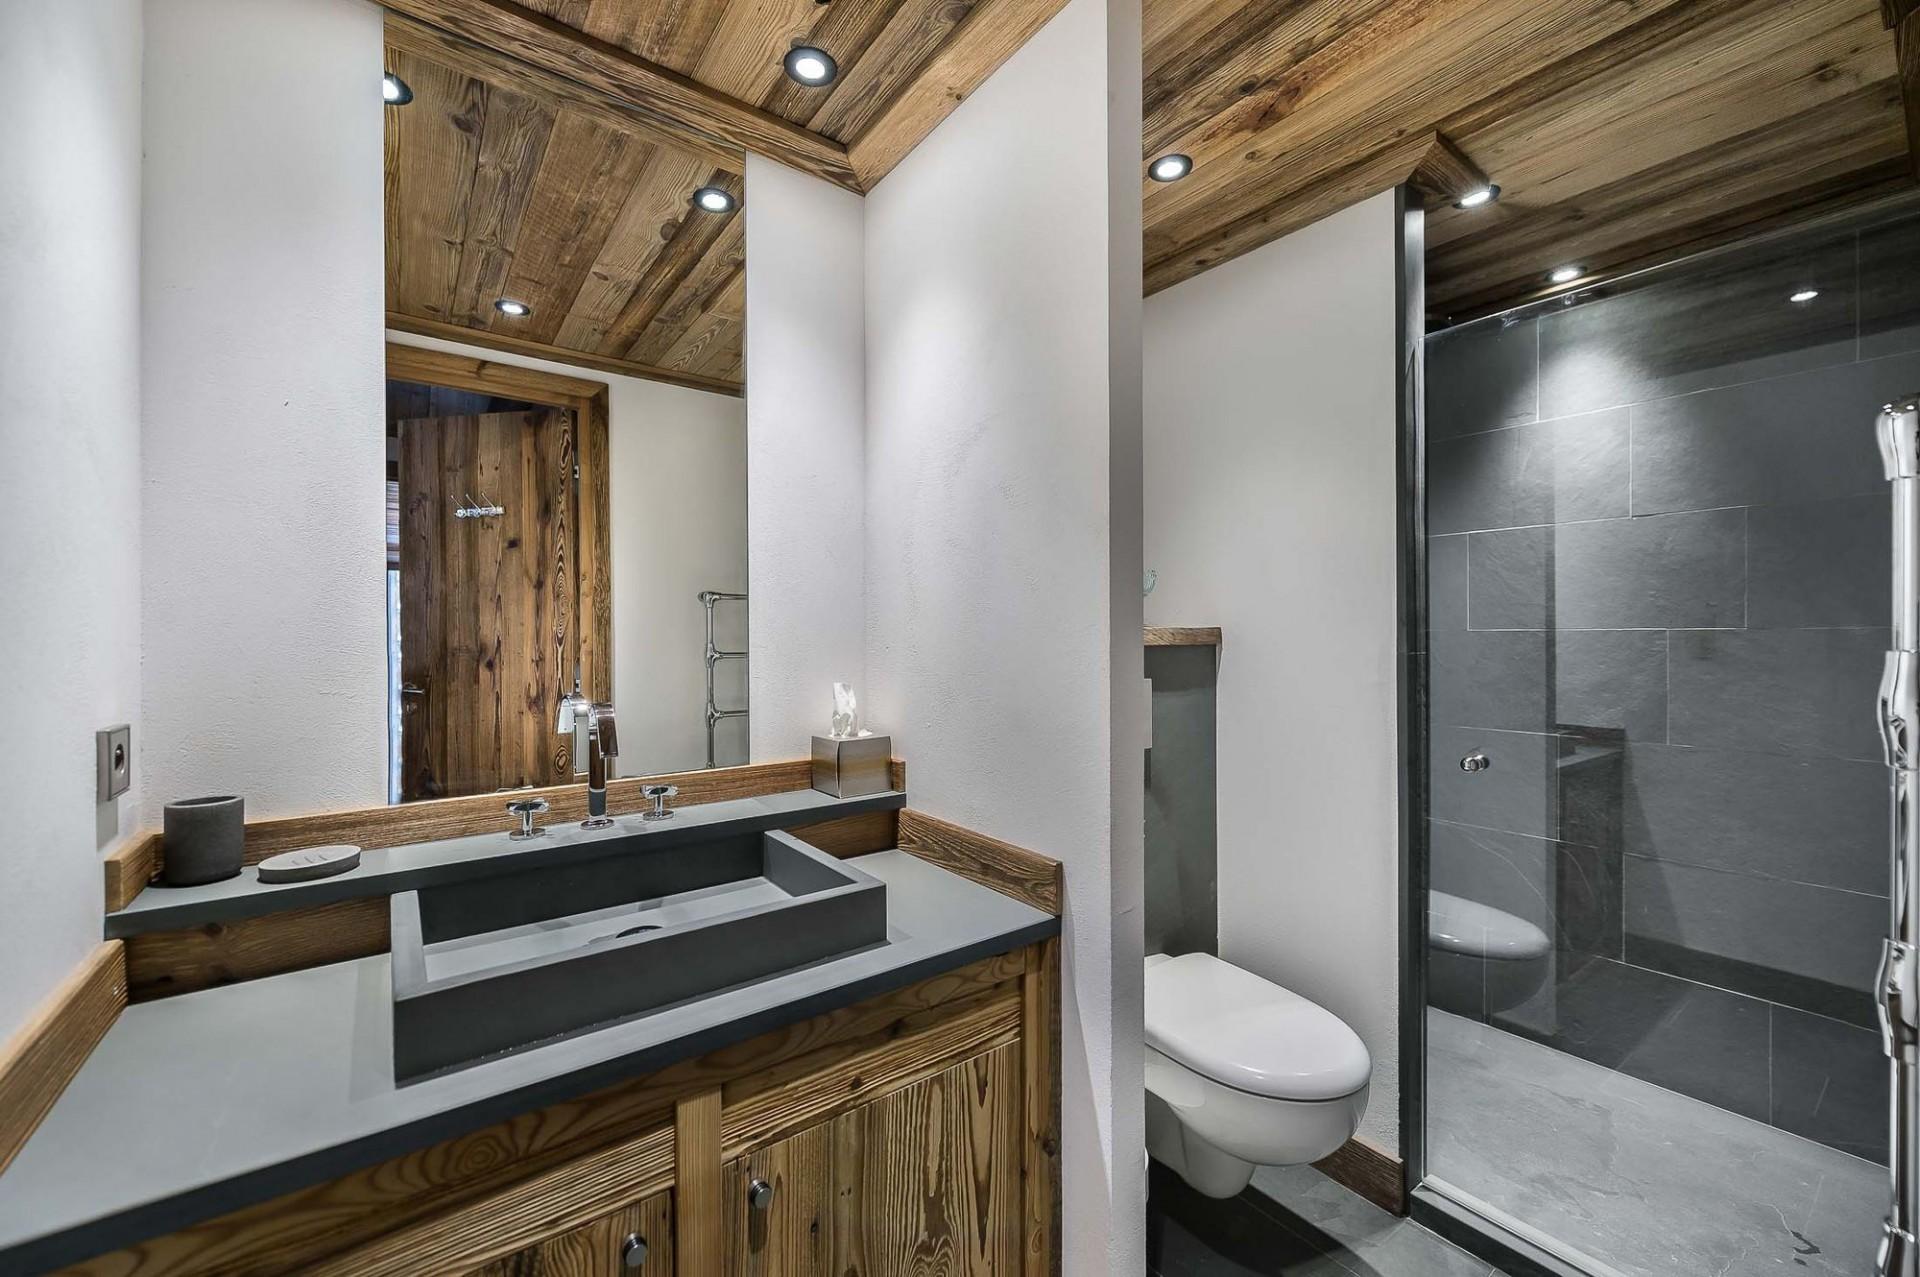 Val d'Isère Location Appartement Luxe Ulilite Salle De Bain